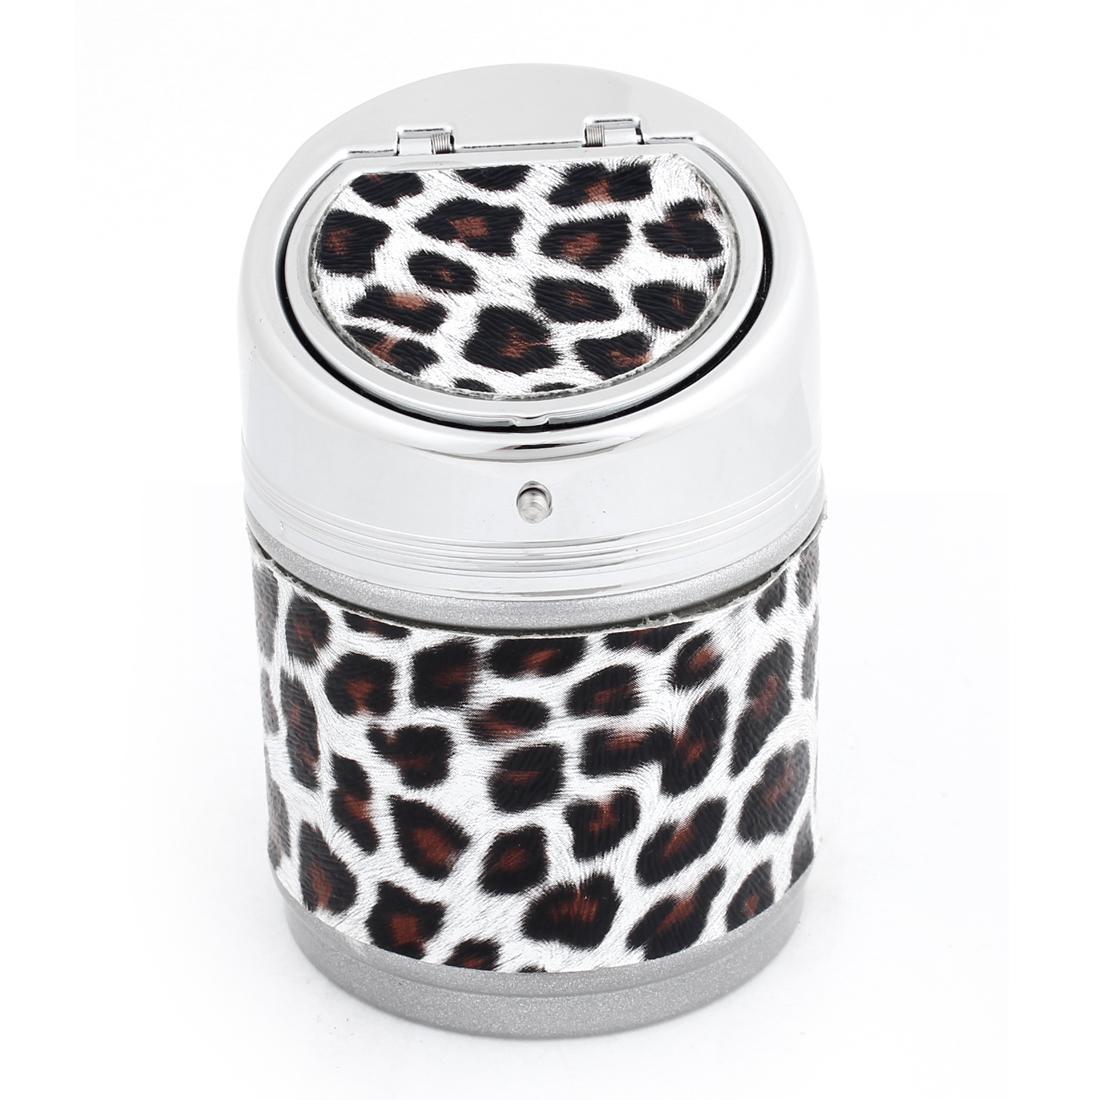 Black Coffee Color Leopard Print Cigarette Holder Ashtray for Auto Car